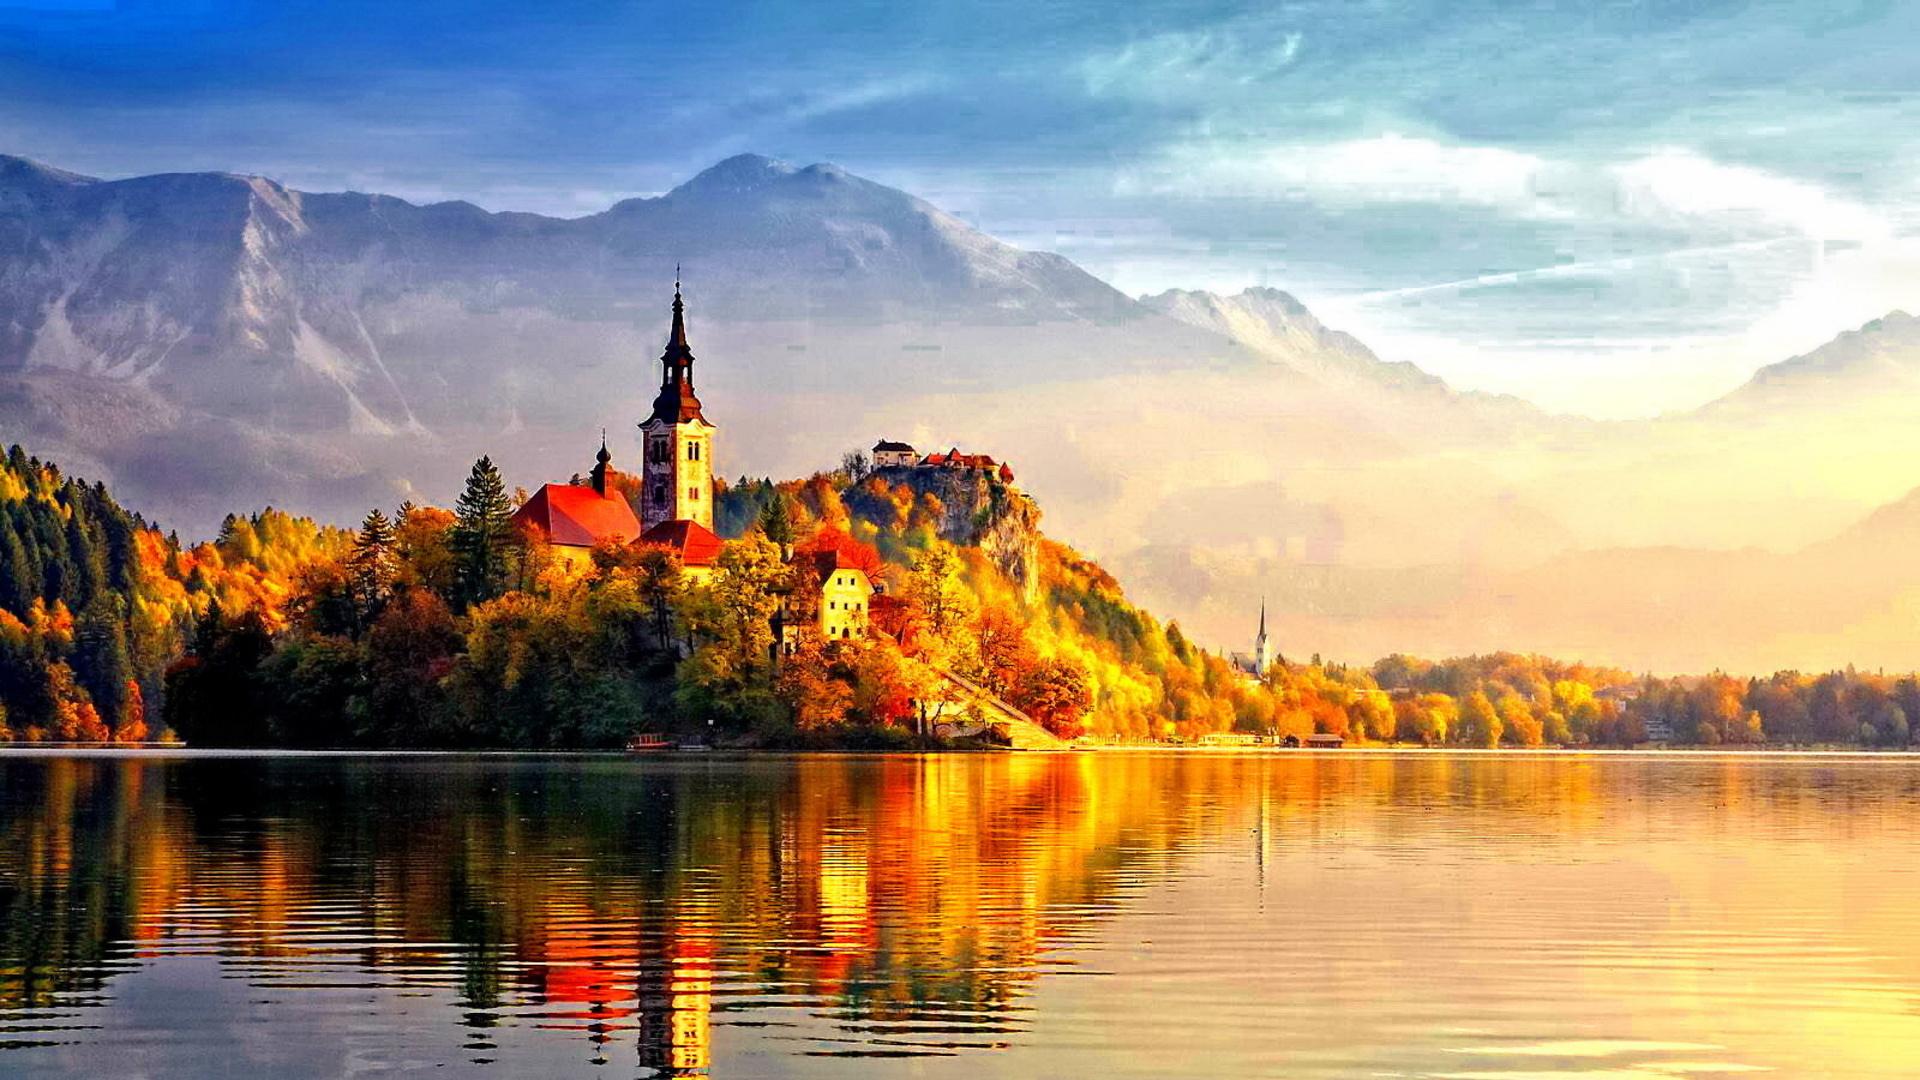 Transylvania Wallpaper Autumn Day